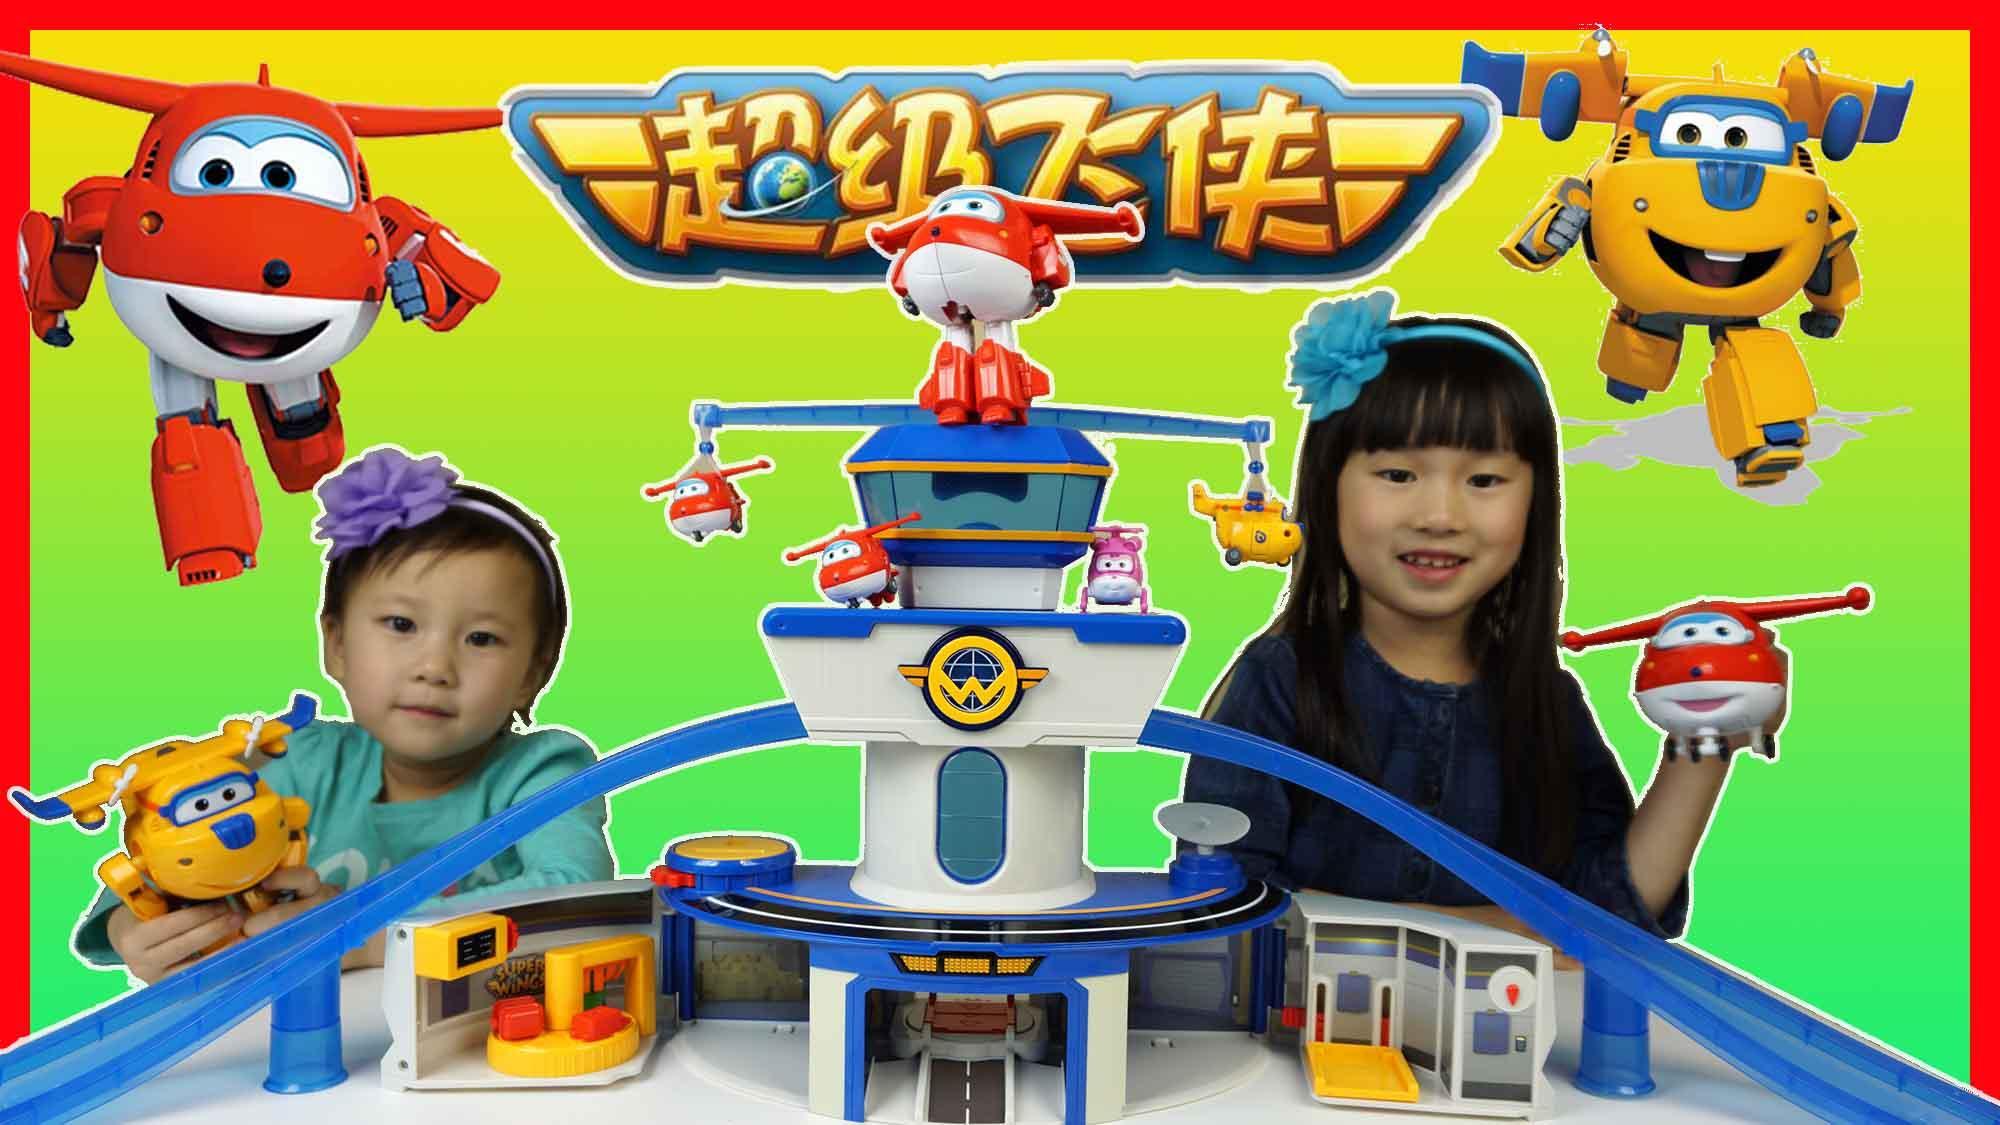 超级飞侠飞机场玩具 小猪佩奇粉红猪小妹溜滑梯 飞机机器人乐迪-.